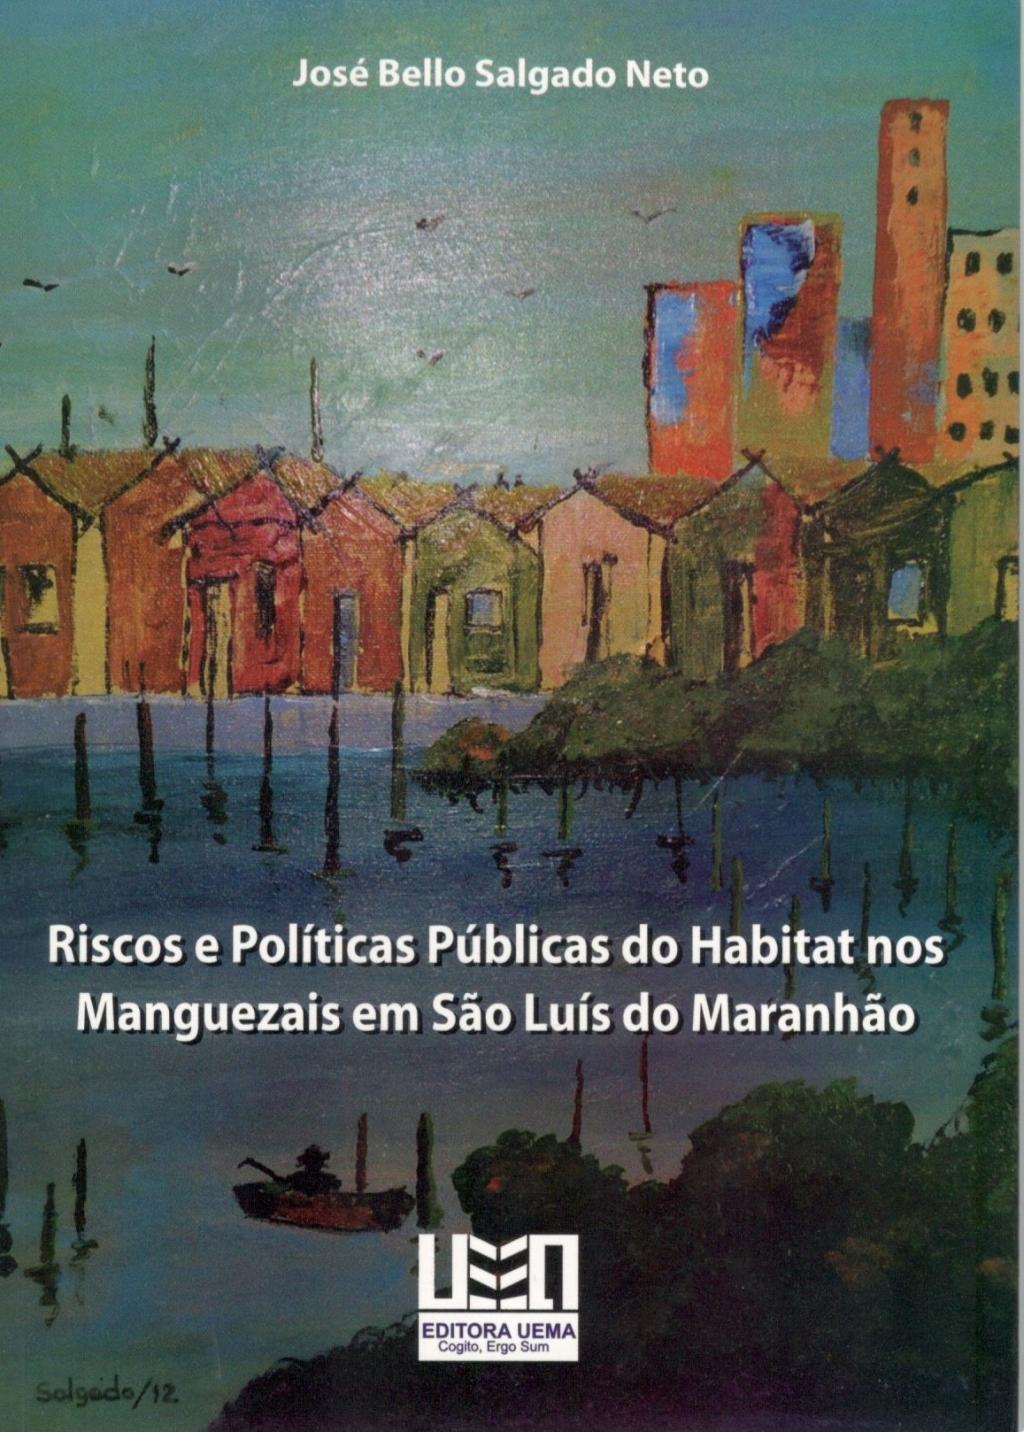 Riscos e políticas públicas do habitat nos manguezais em São Luís do Maranhão